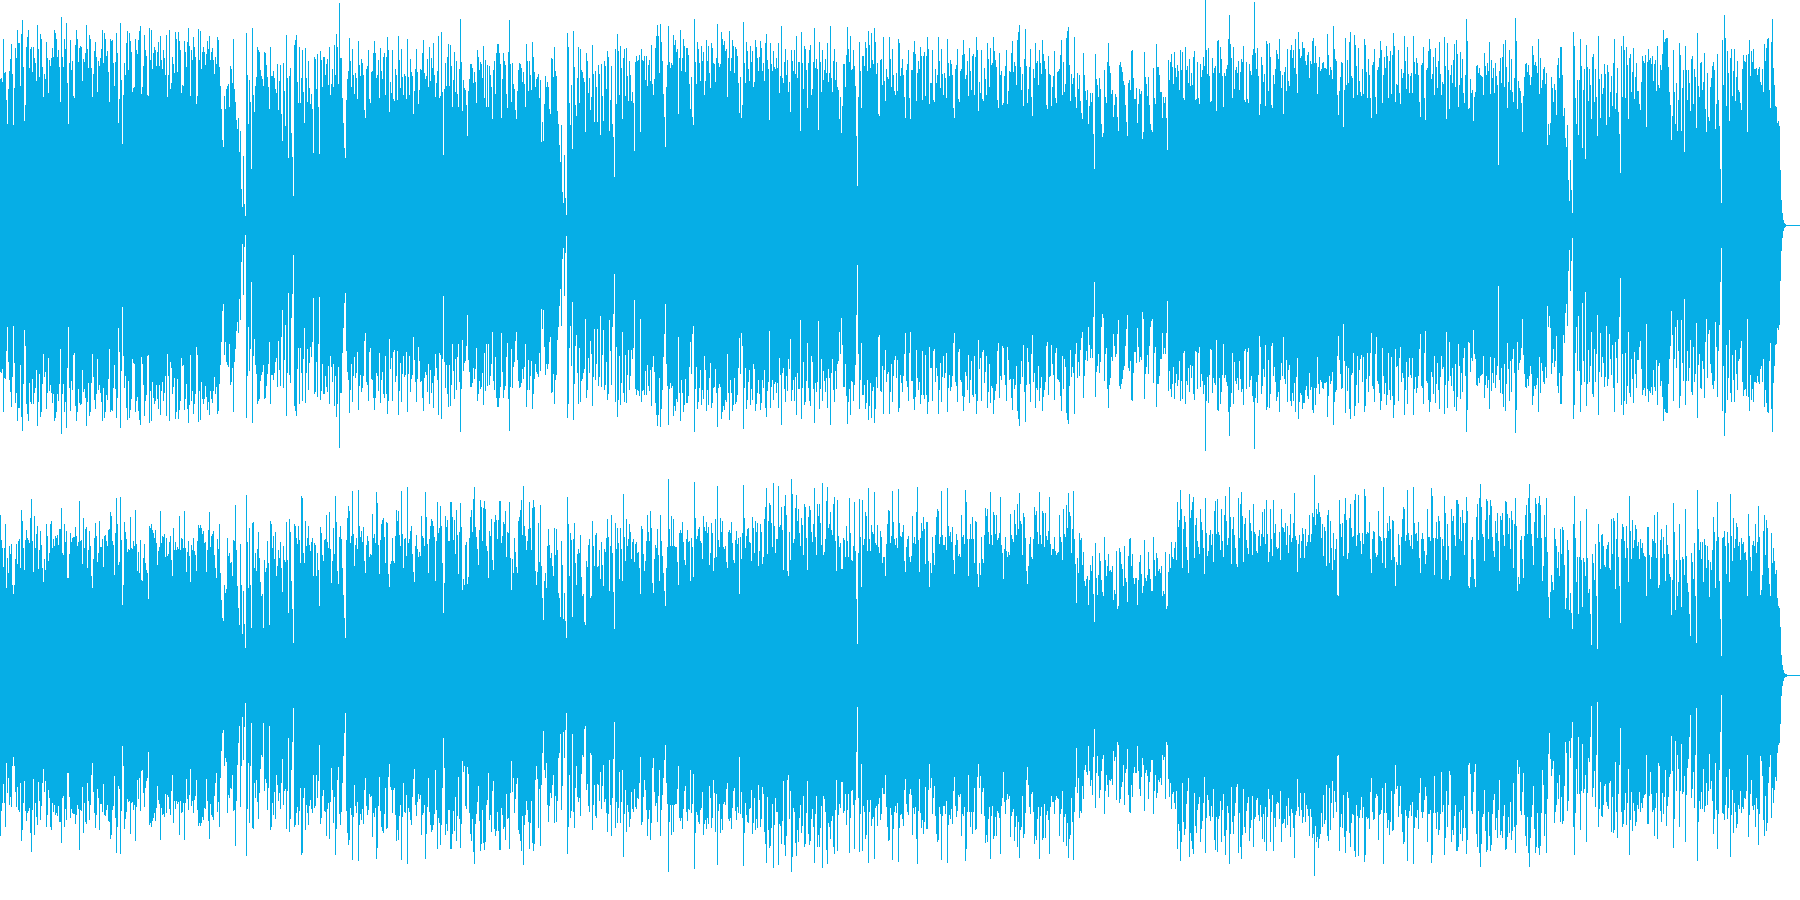 長調のラグタイムピアノ曲の再生済みの波形